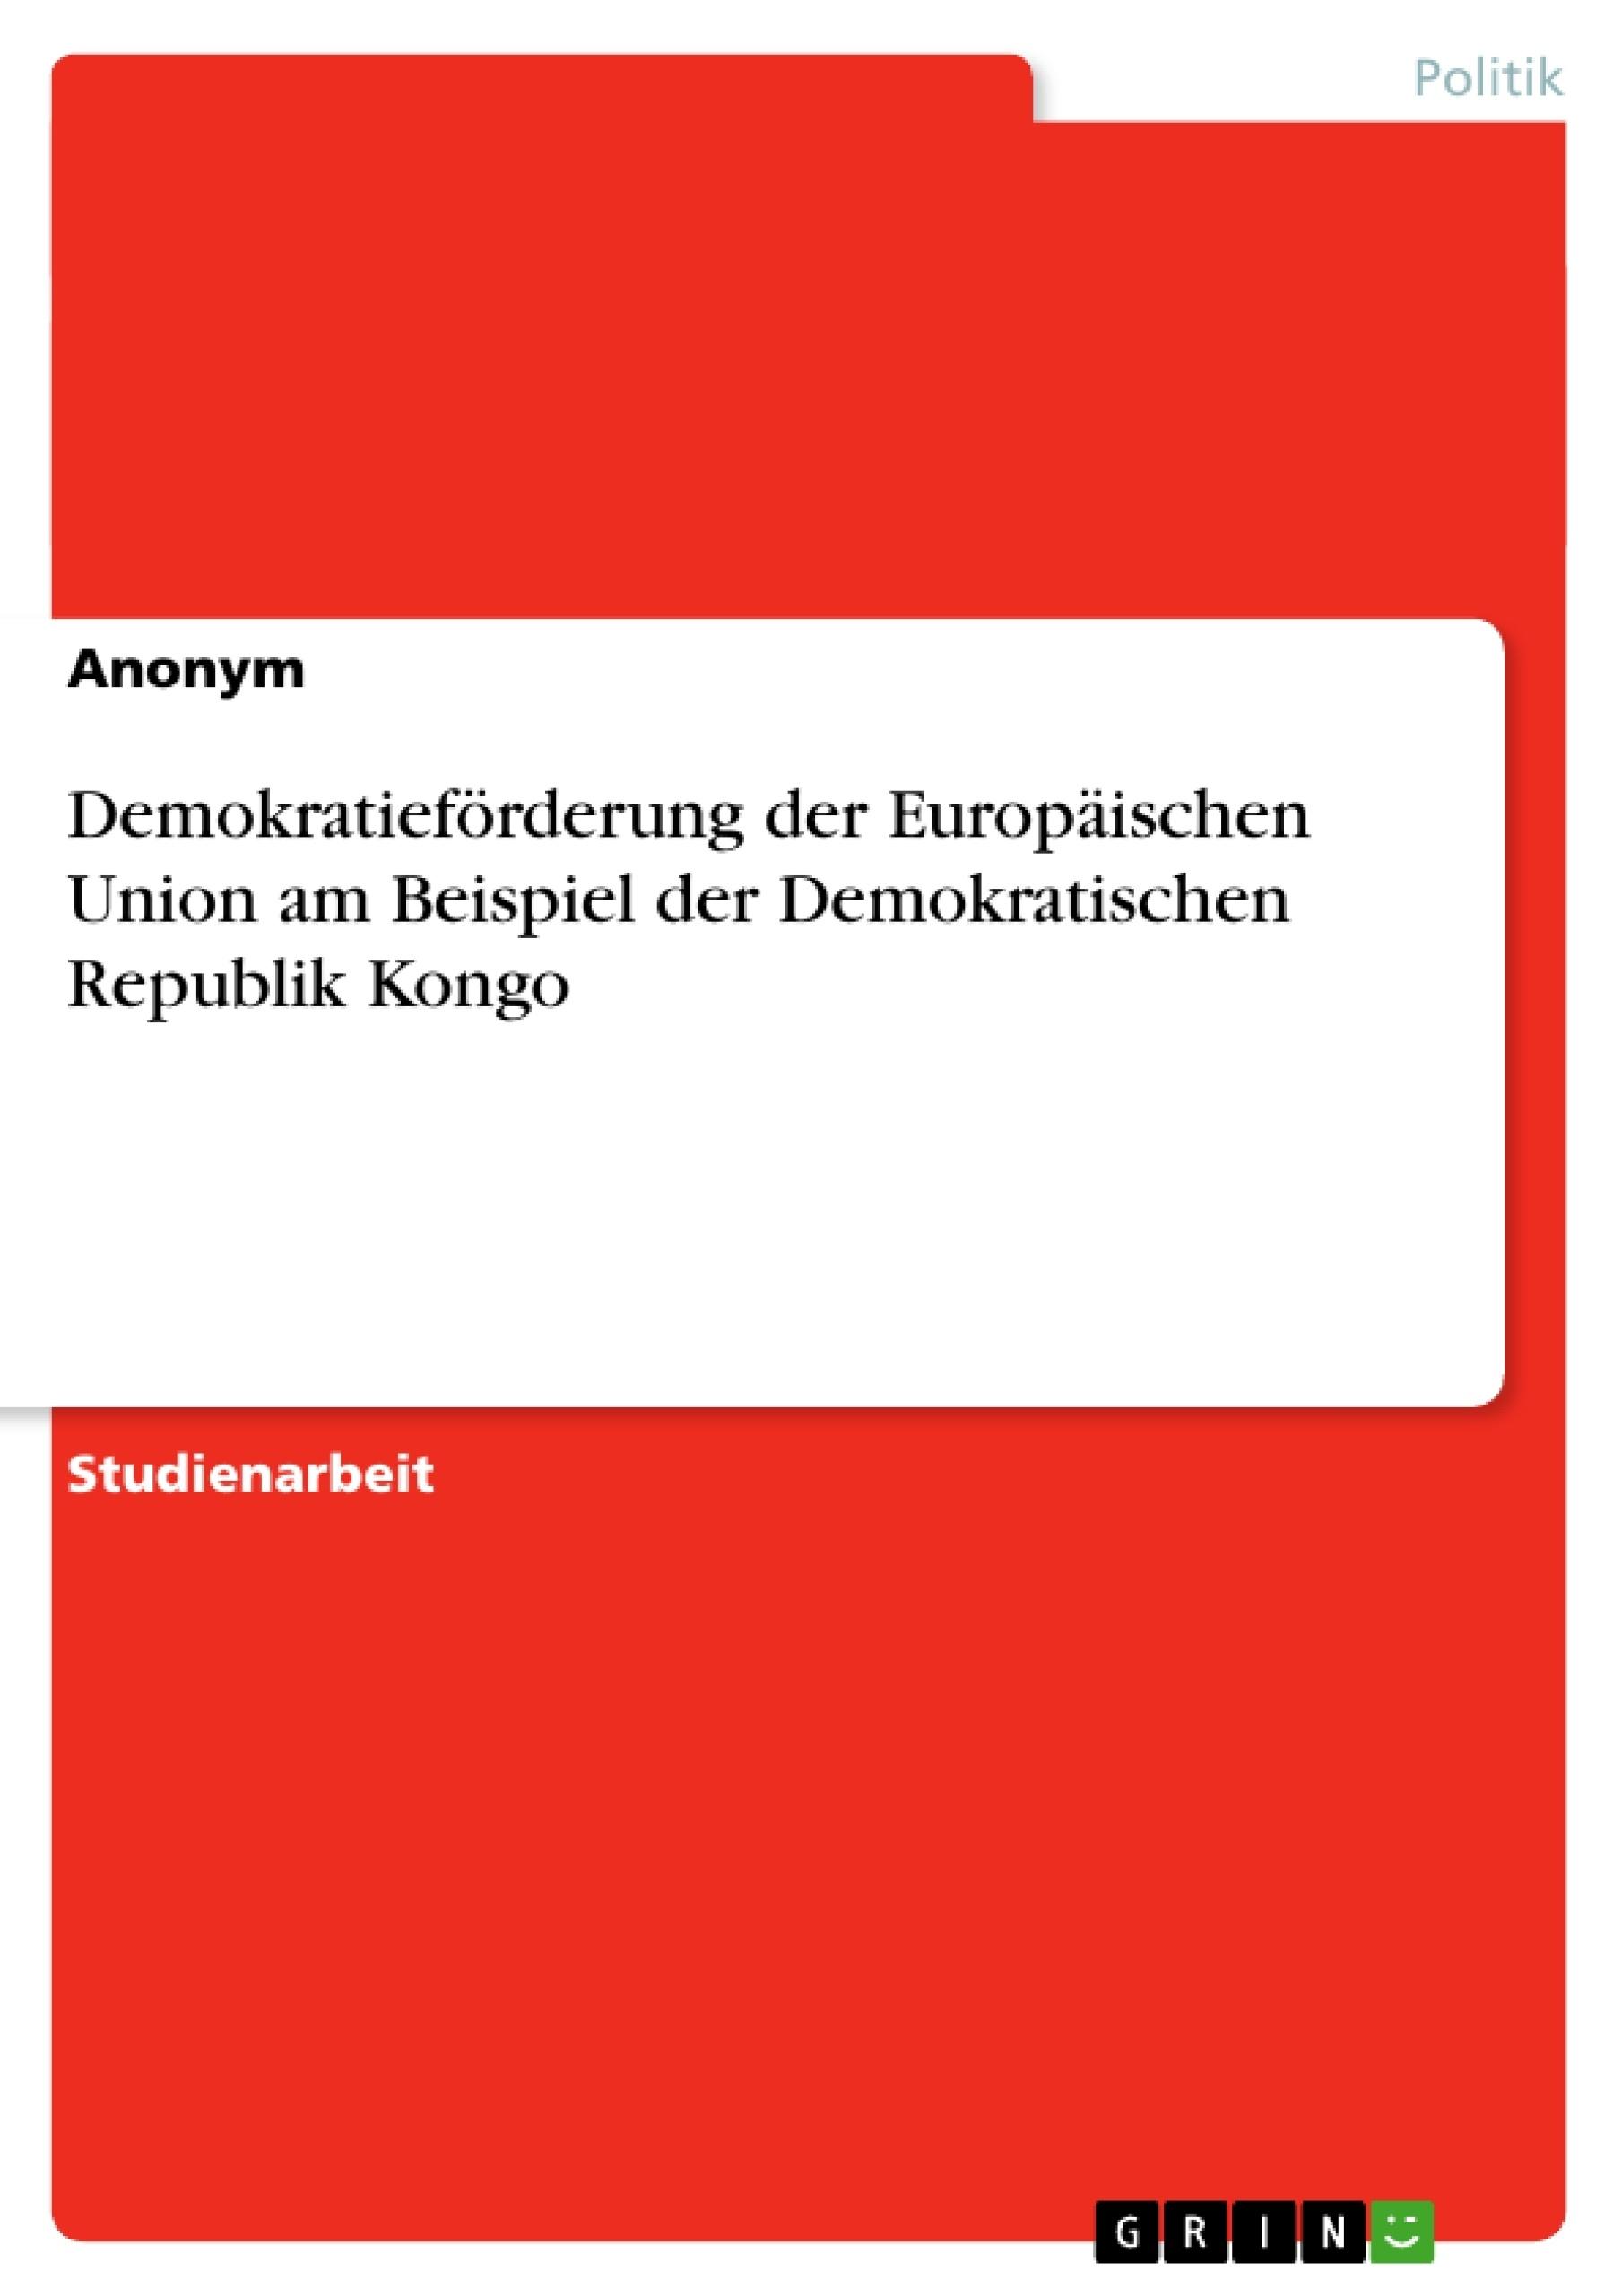 Titel: Demokratieförderung der Europäischen Union am Beispiel der Demokratischen Republik Kongo